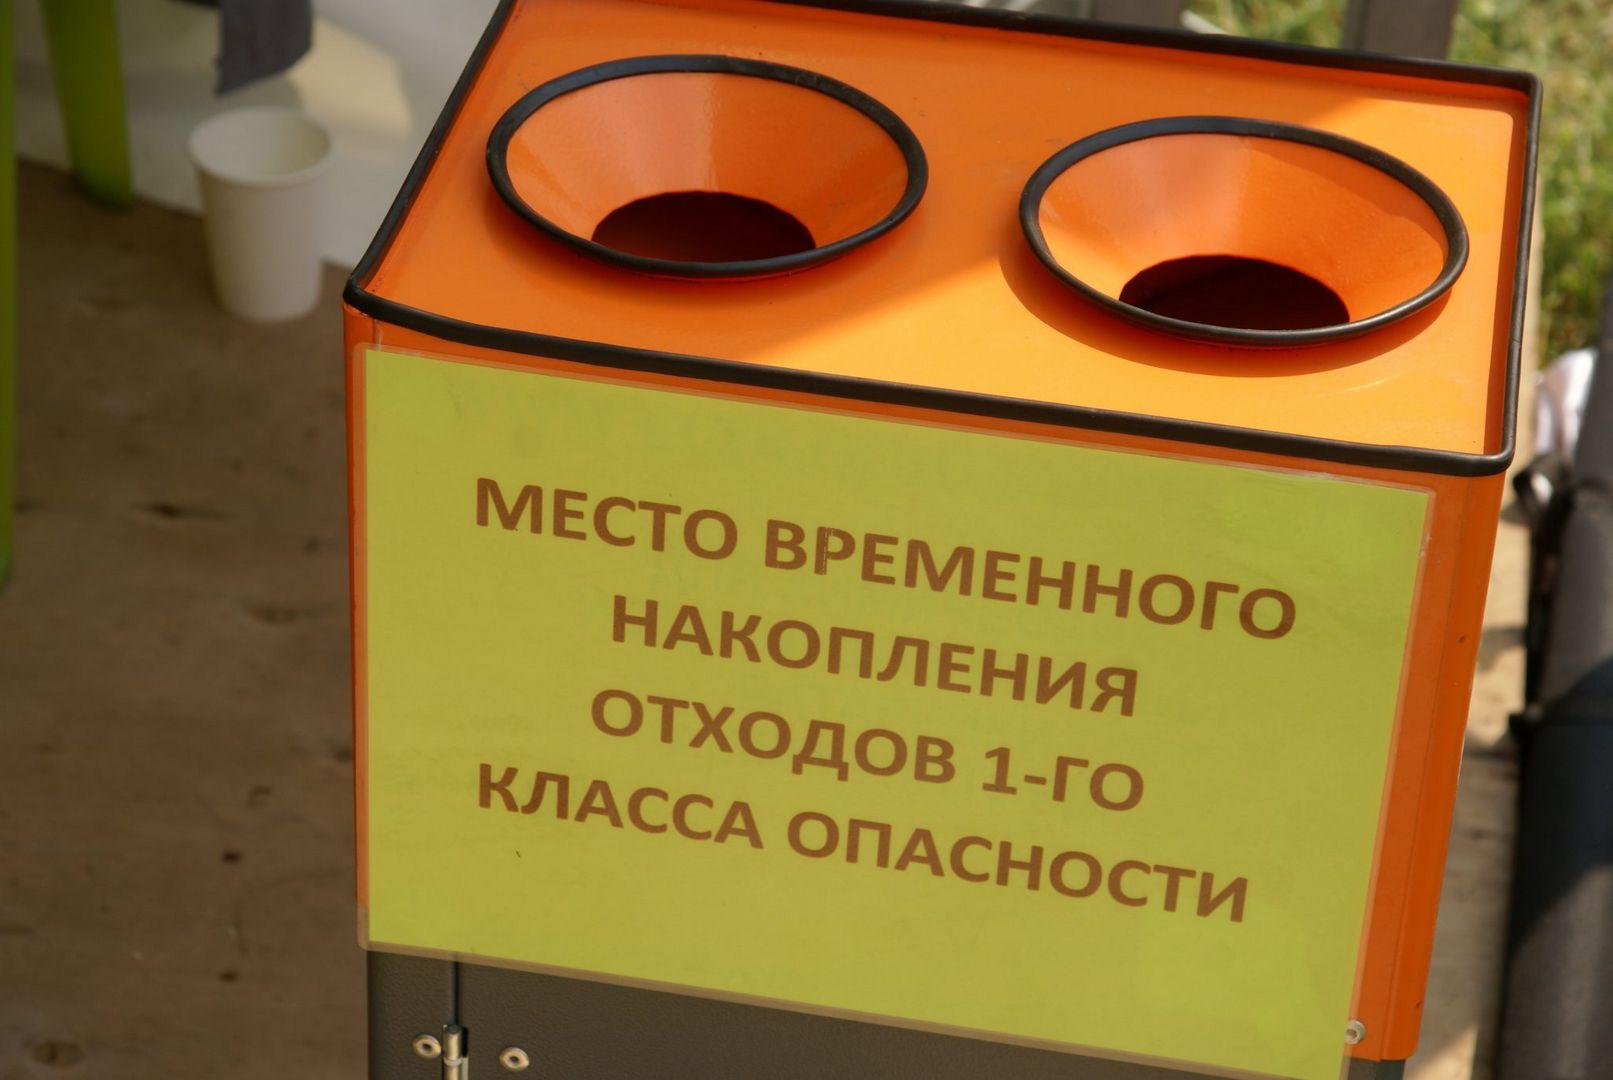 Контейнер для сбора использованных батареек.